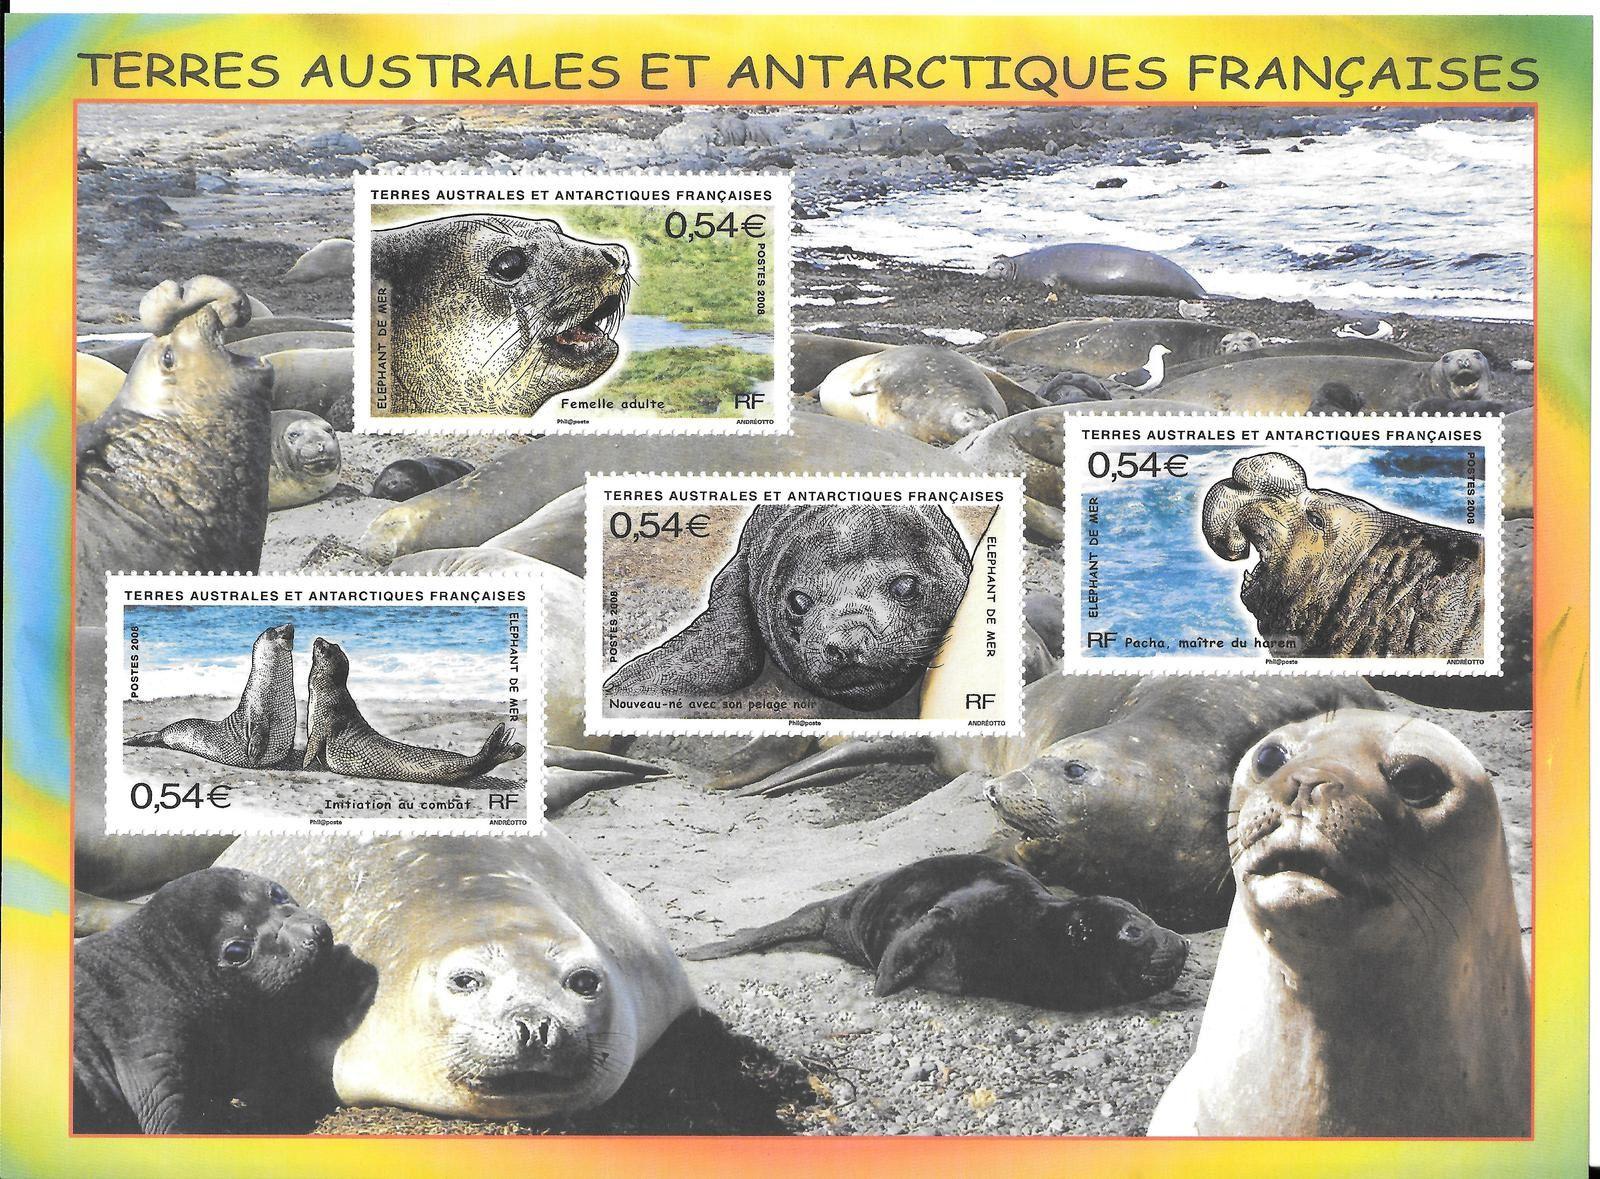 Harem d'éléphant de mer avec mâle et femelle adultes et nouveau-né (Feuillet Y&T 19)